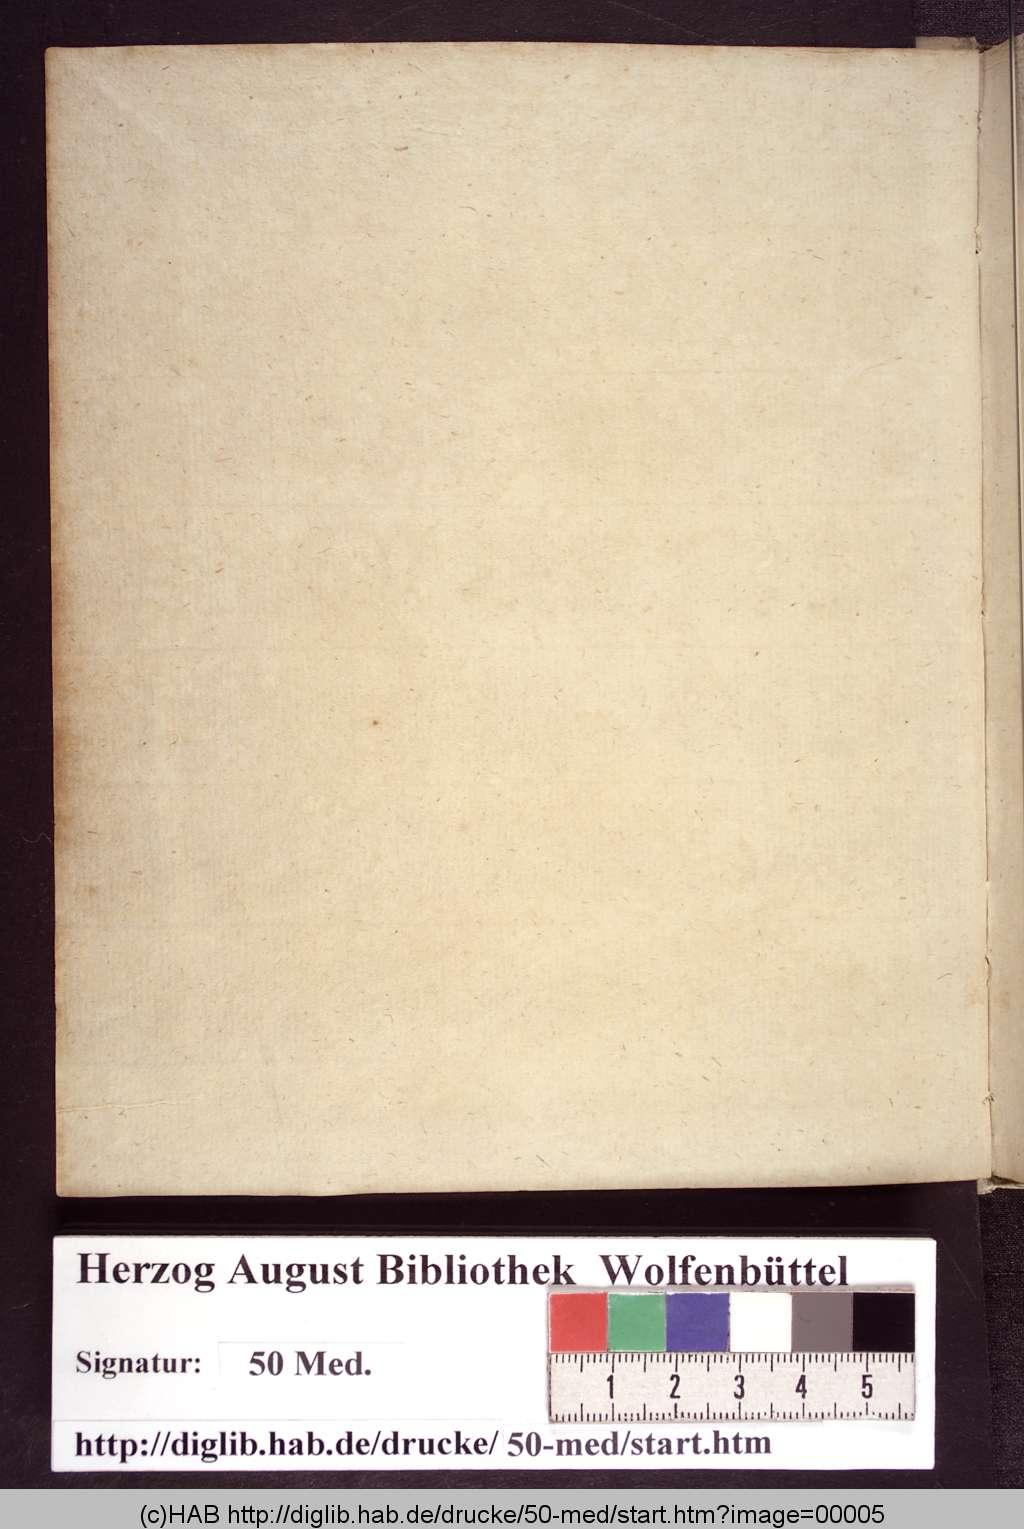 http://diglib.hab.de/drucke/50-med/00005.jpg